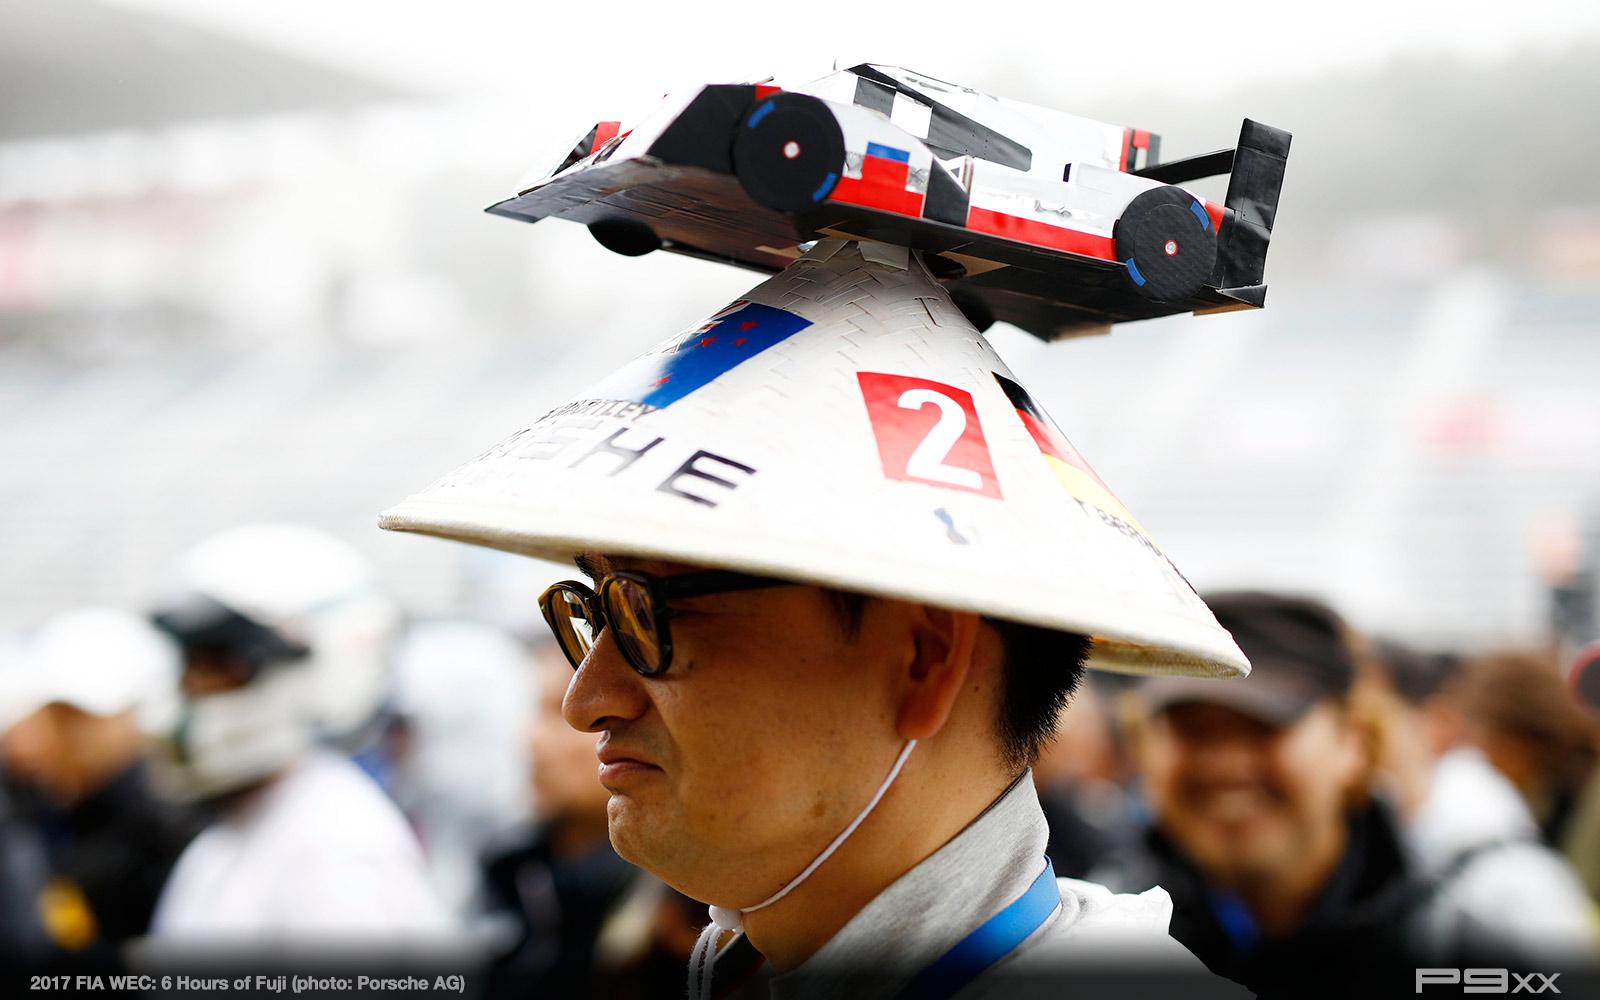 2017-FIA-WEC-6h-of-Fuji-Porsche-409